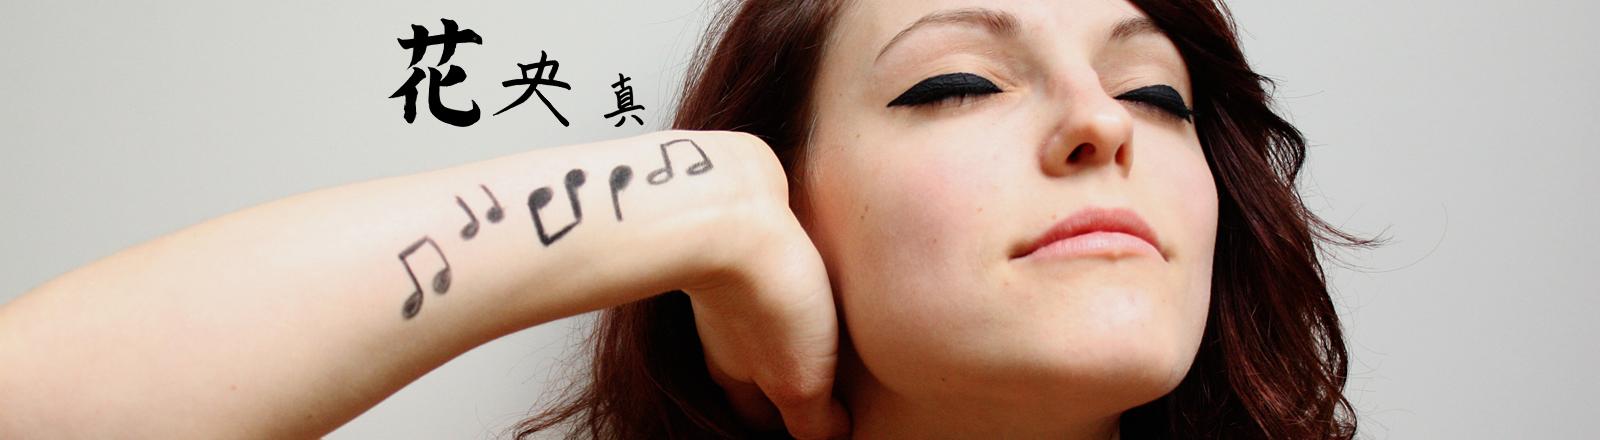 Chinesisch schult das musikalische Gehör